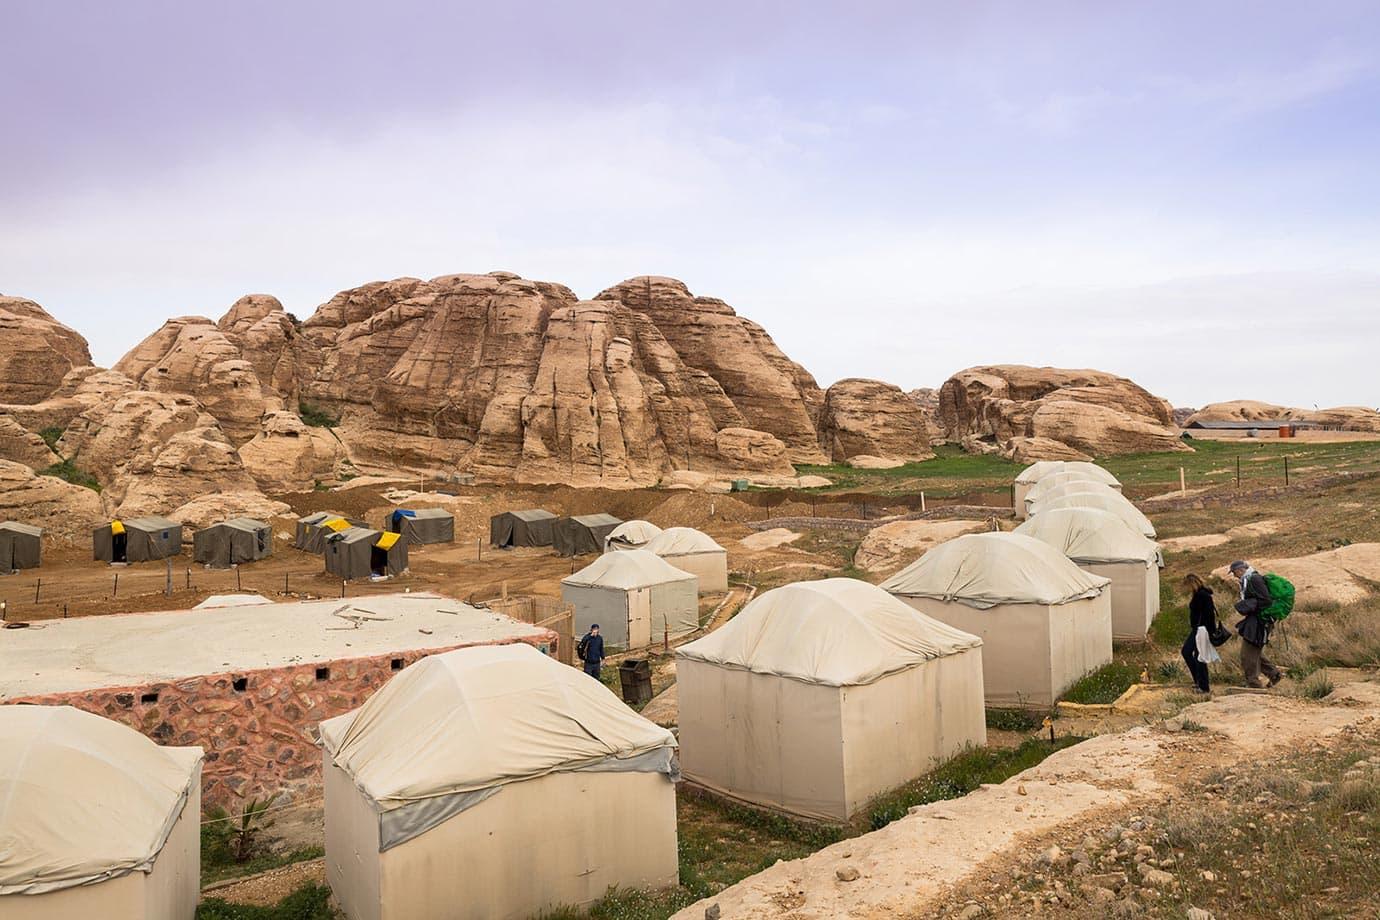 Sunrise at the Seven Wonders Bedouin Camp, Jordan